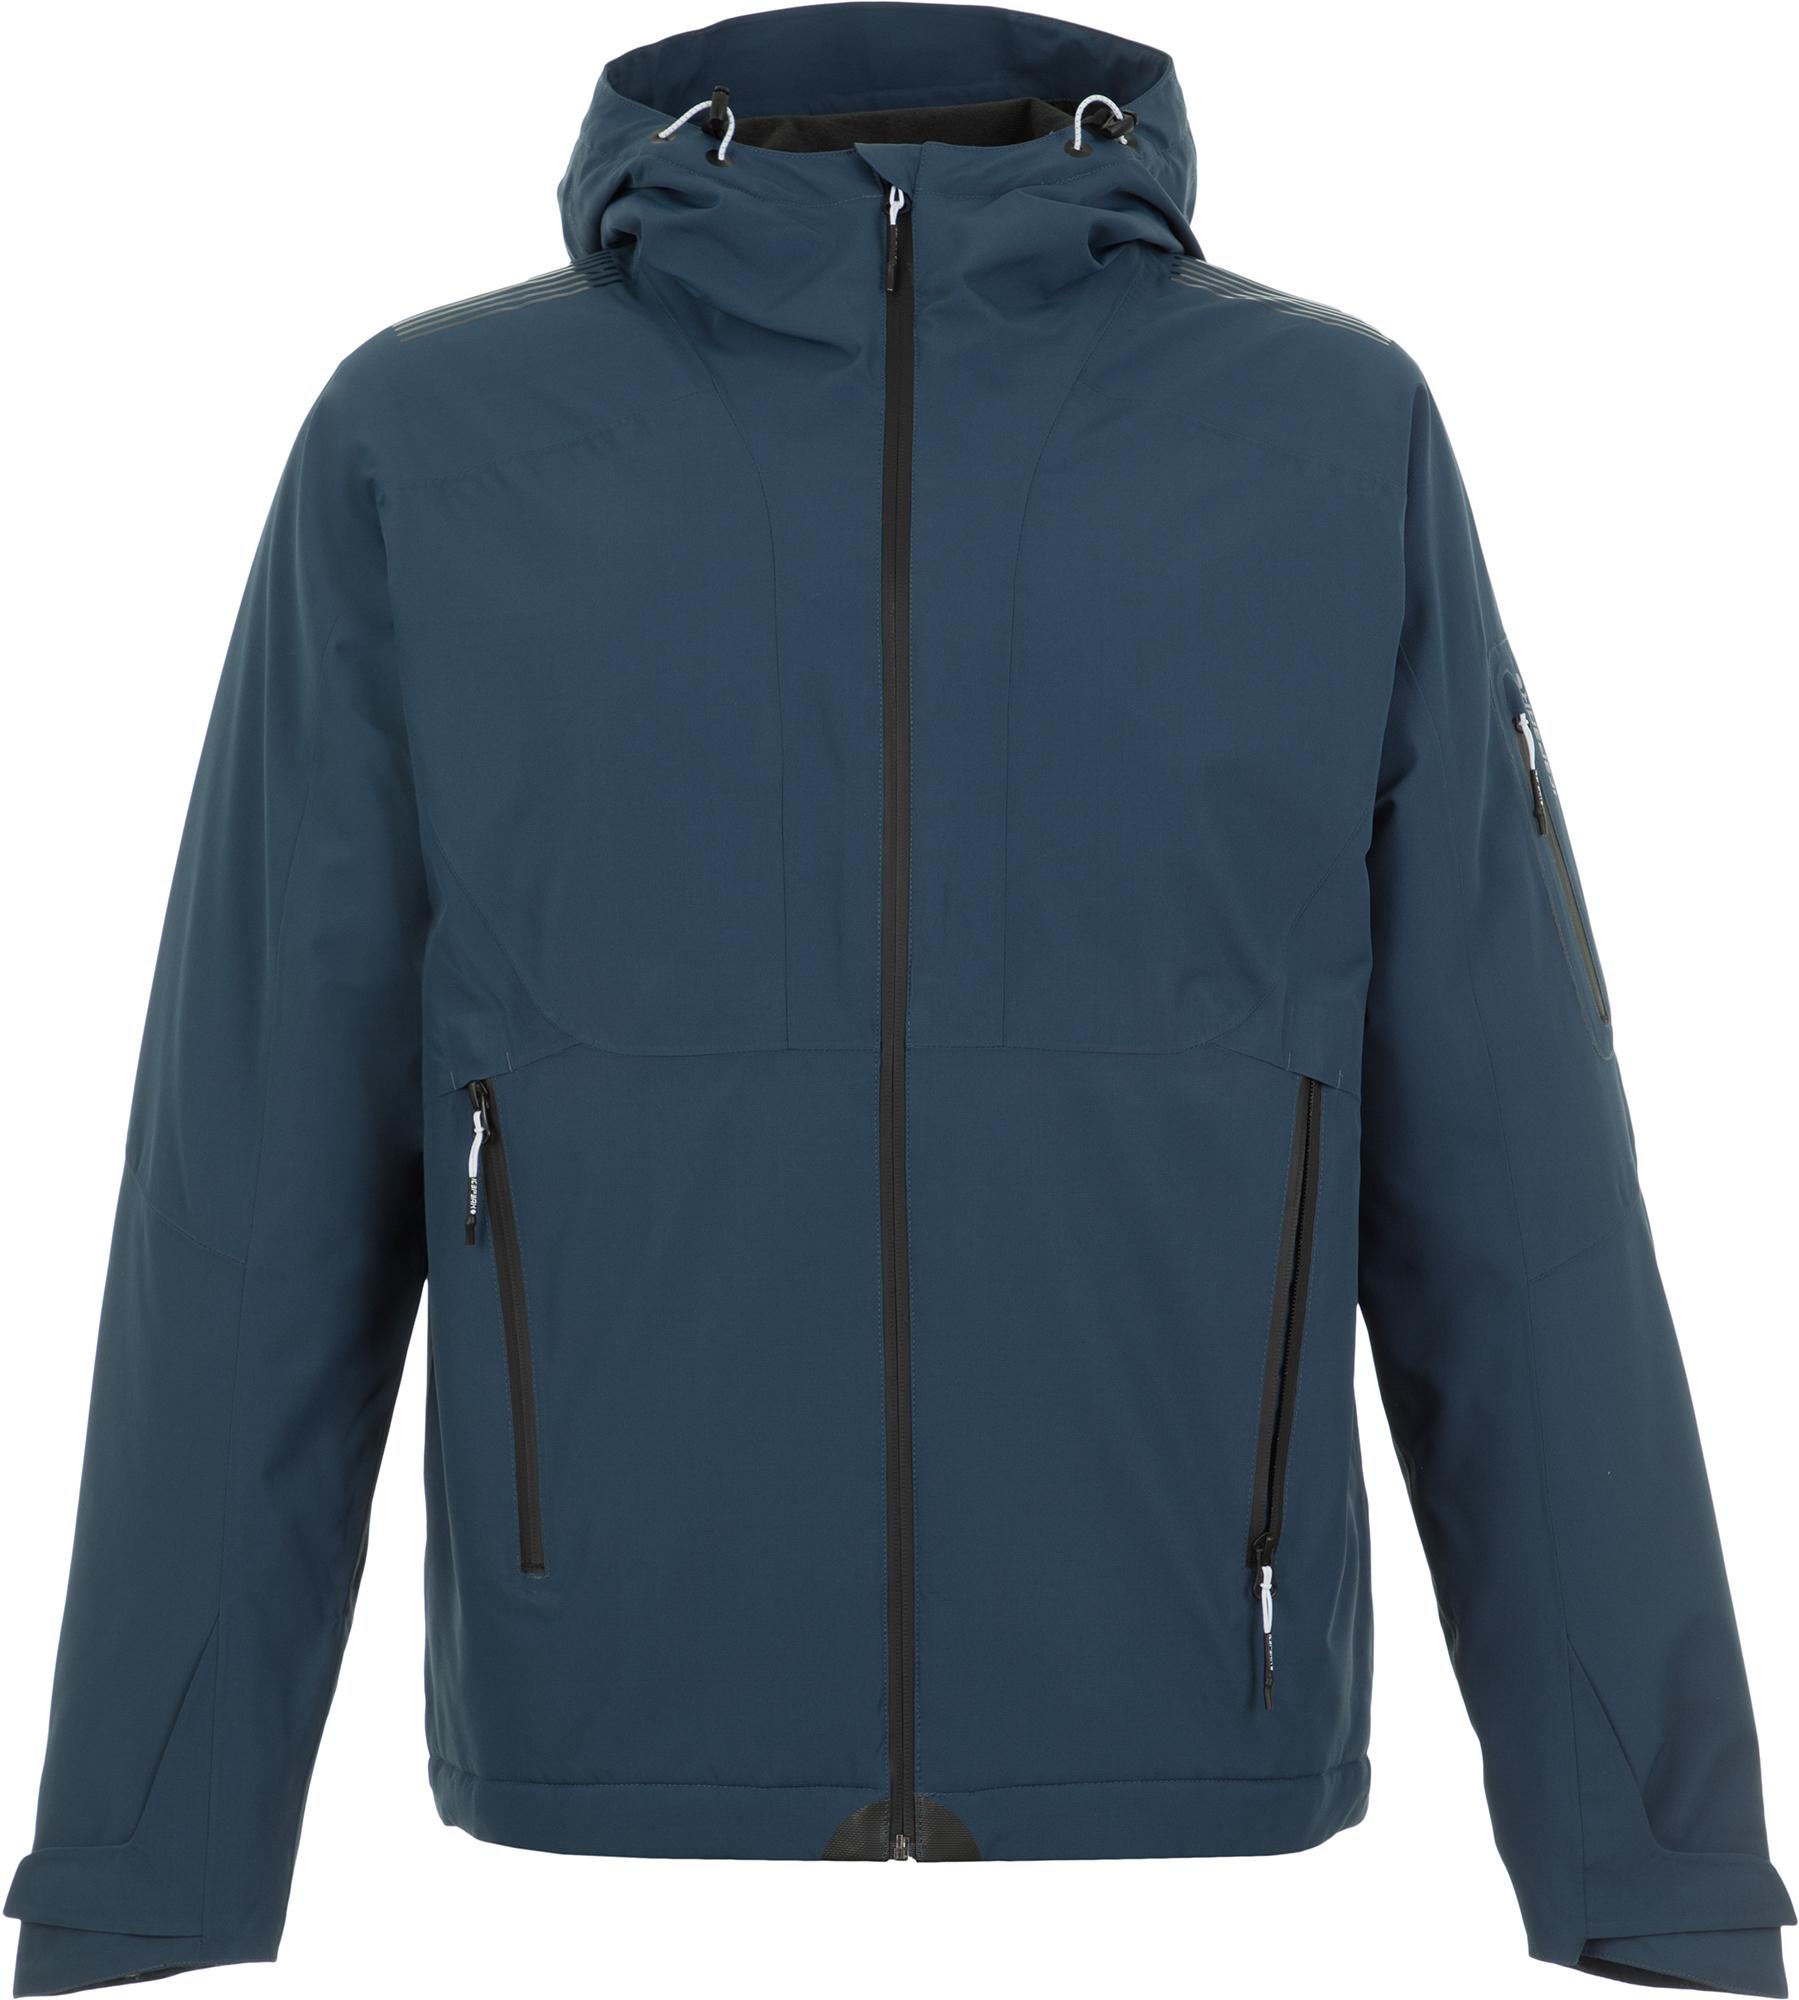 IcePeak Куртка утепленная мужская Pierpont, размер 52